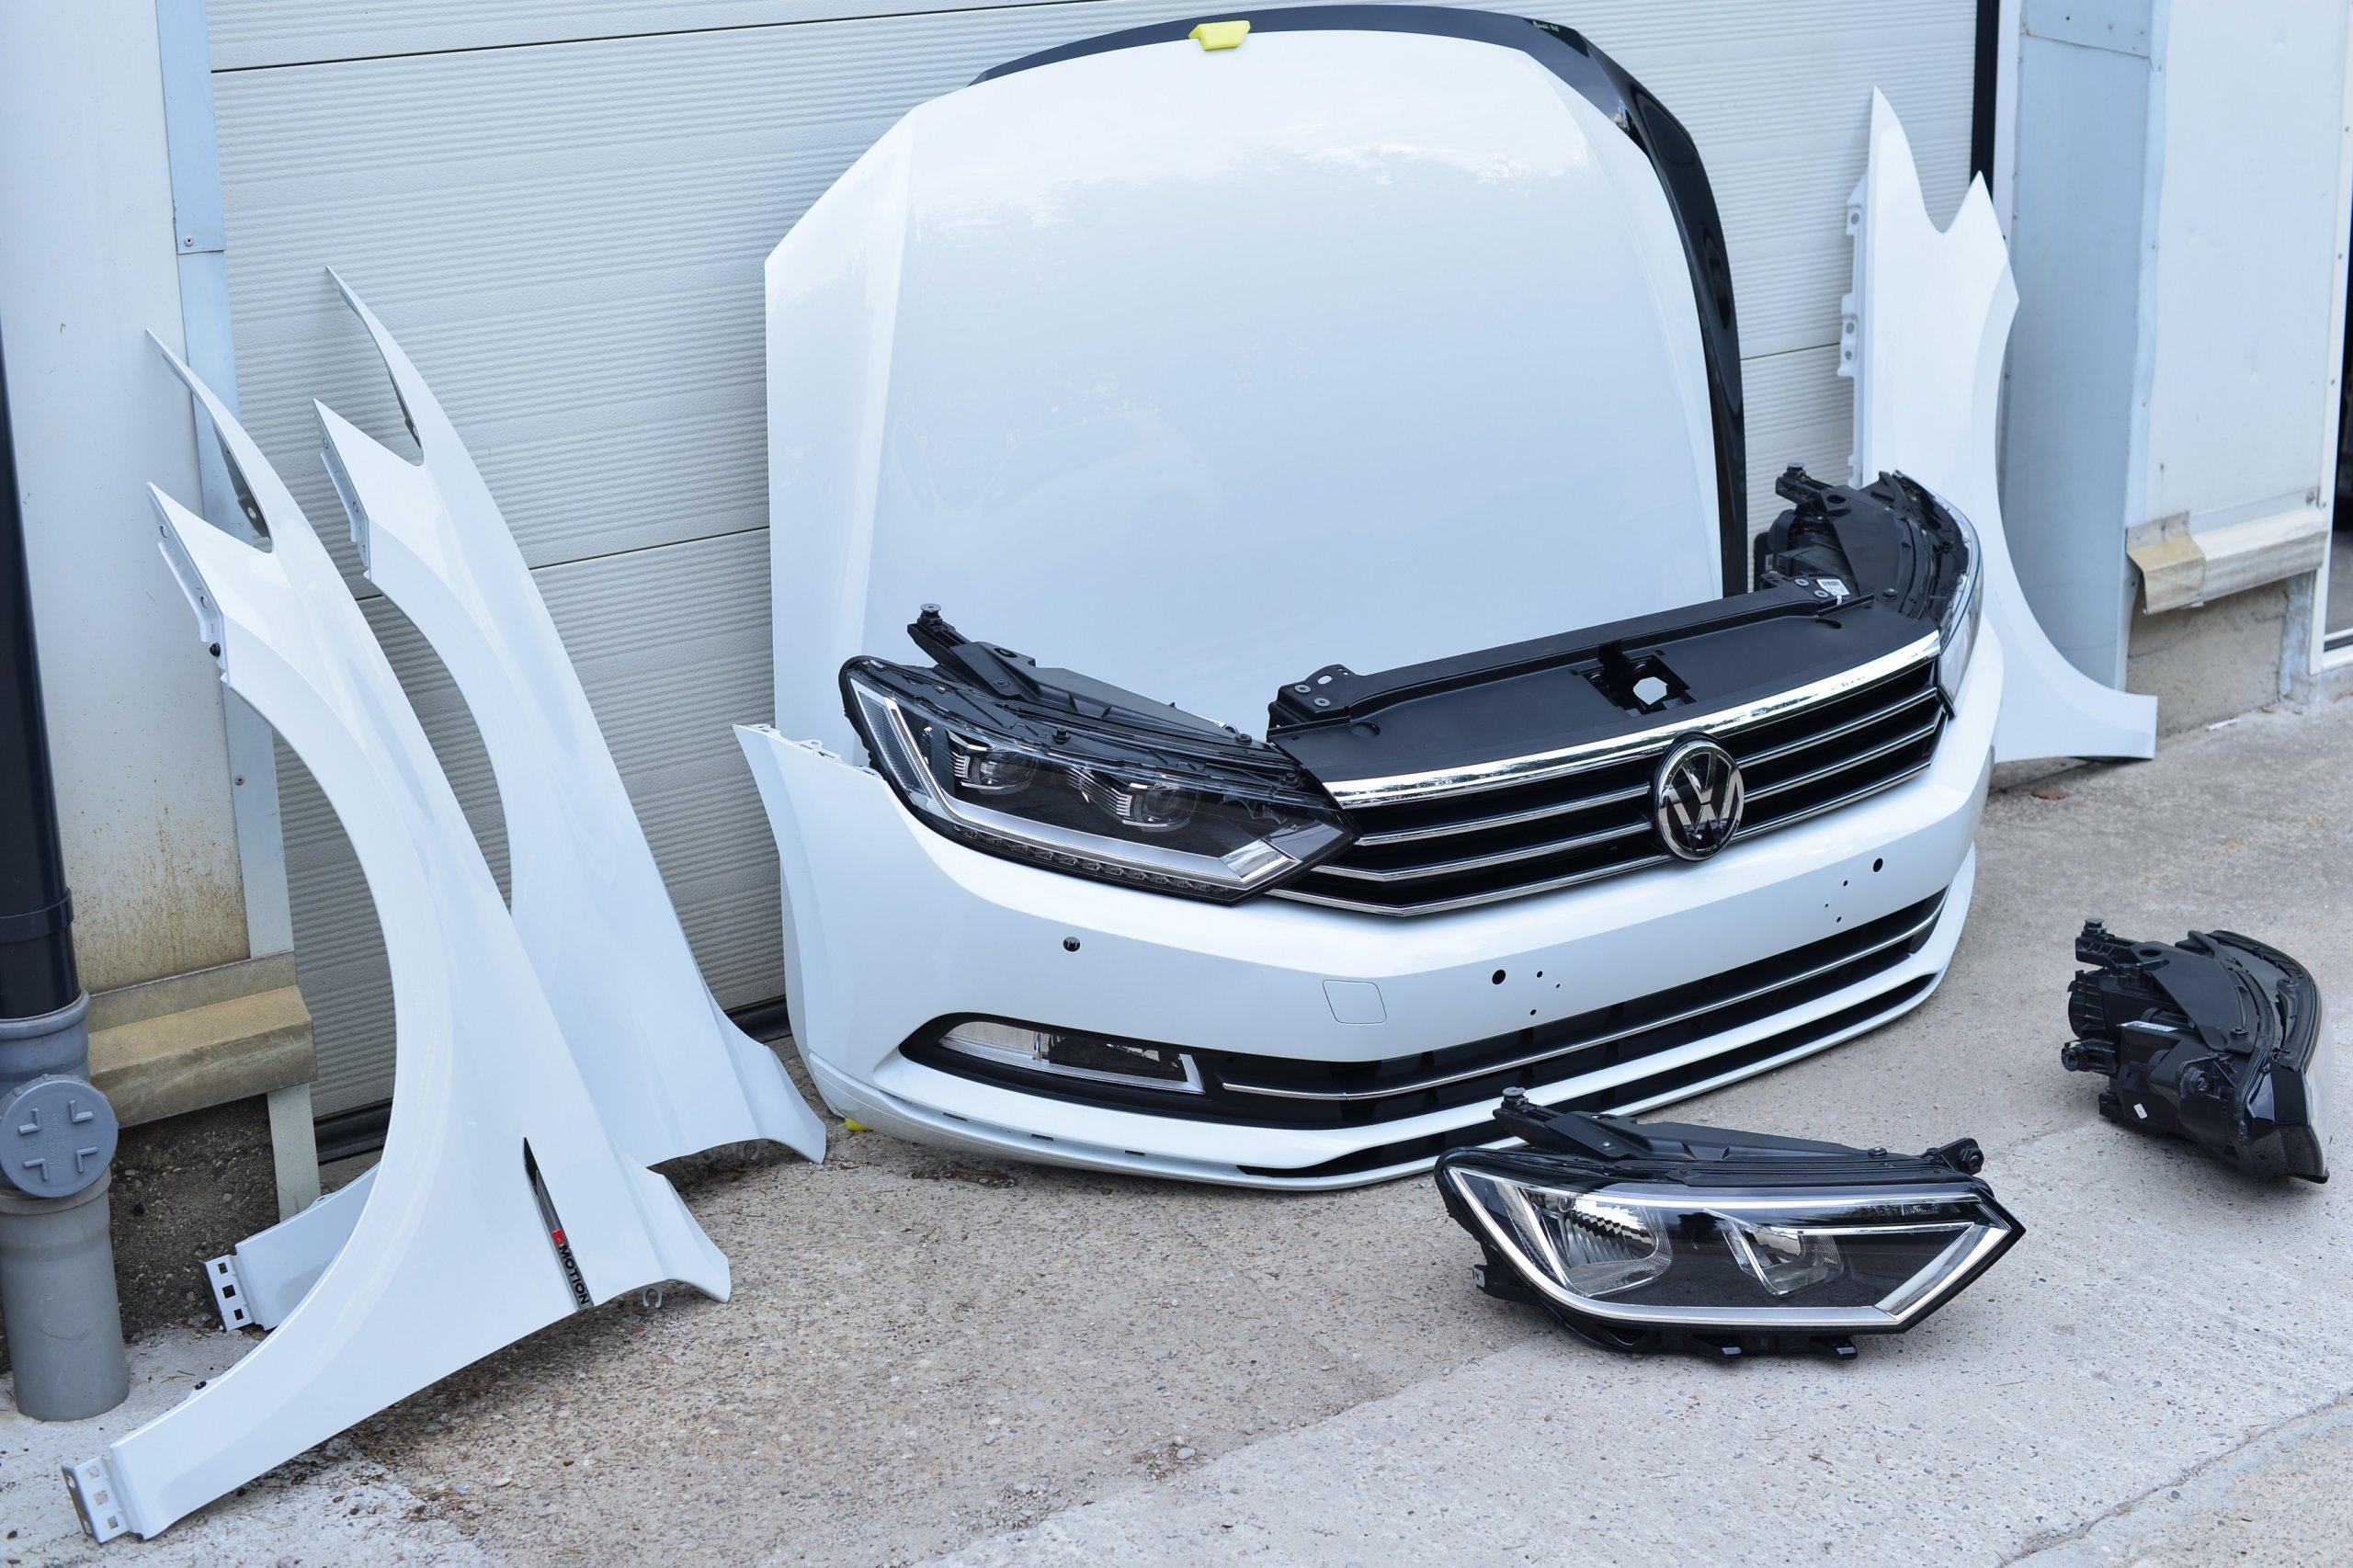 [КАПОТ ZDERZAK КРЫЛО REFLEKTOR PAS VW PASSAT B8 из Польши]изображение 1